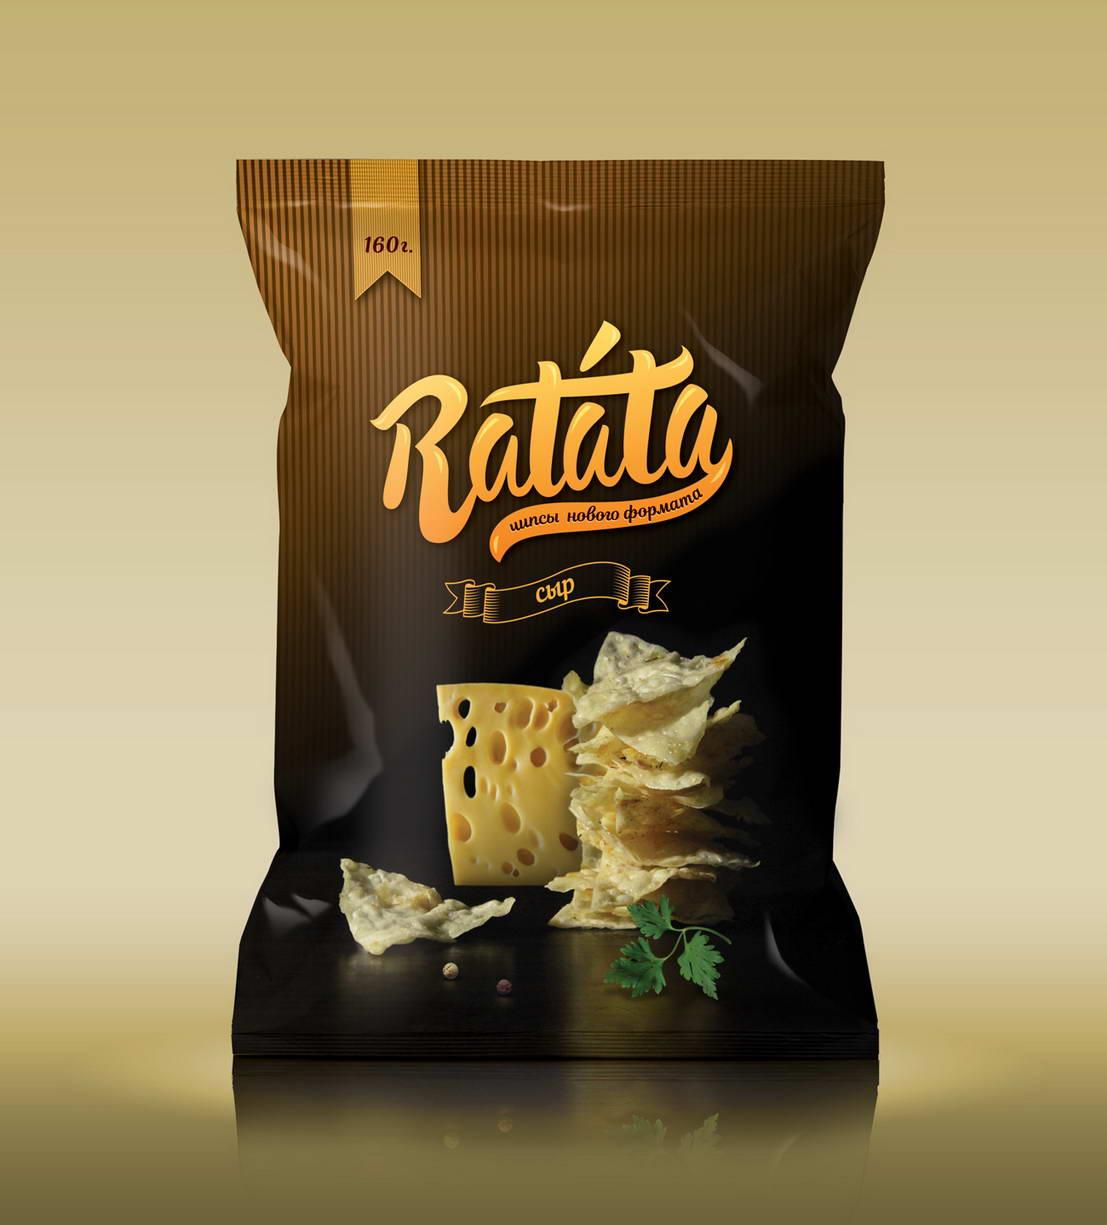 Дизайн упаковки чипсов Ratata с сыром